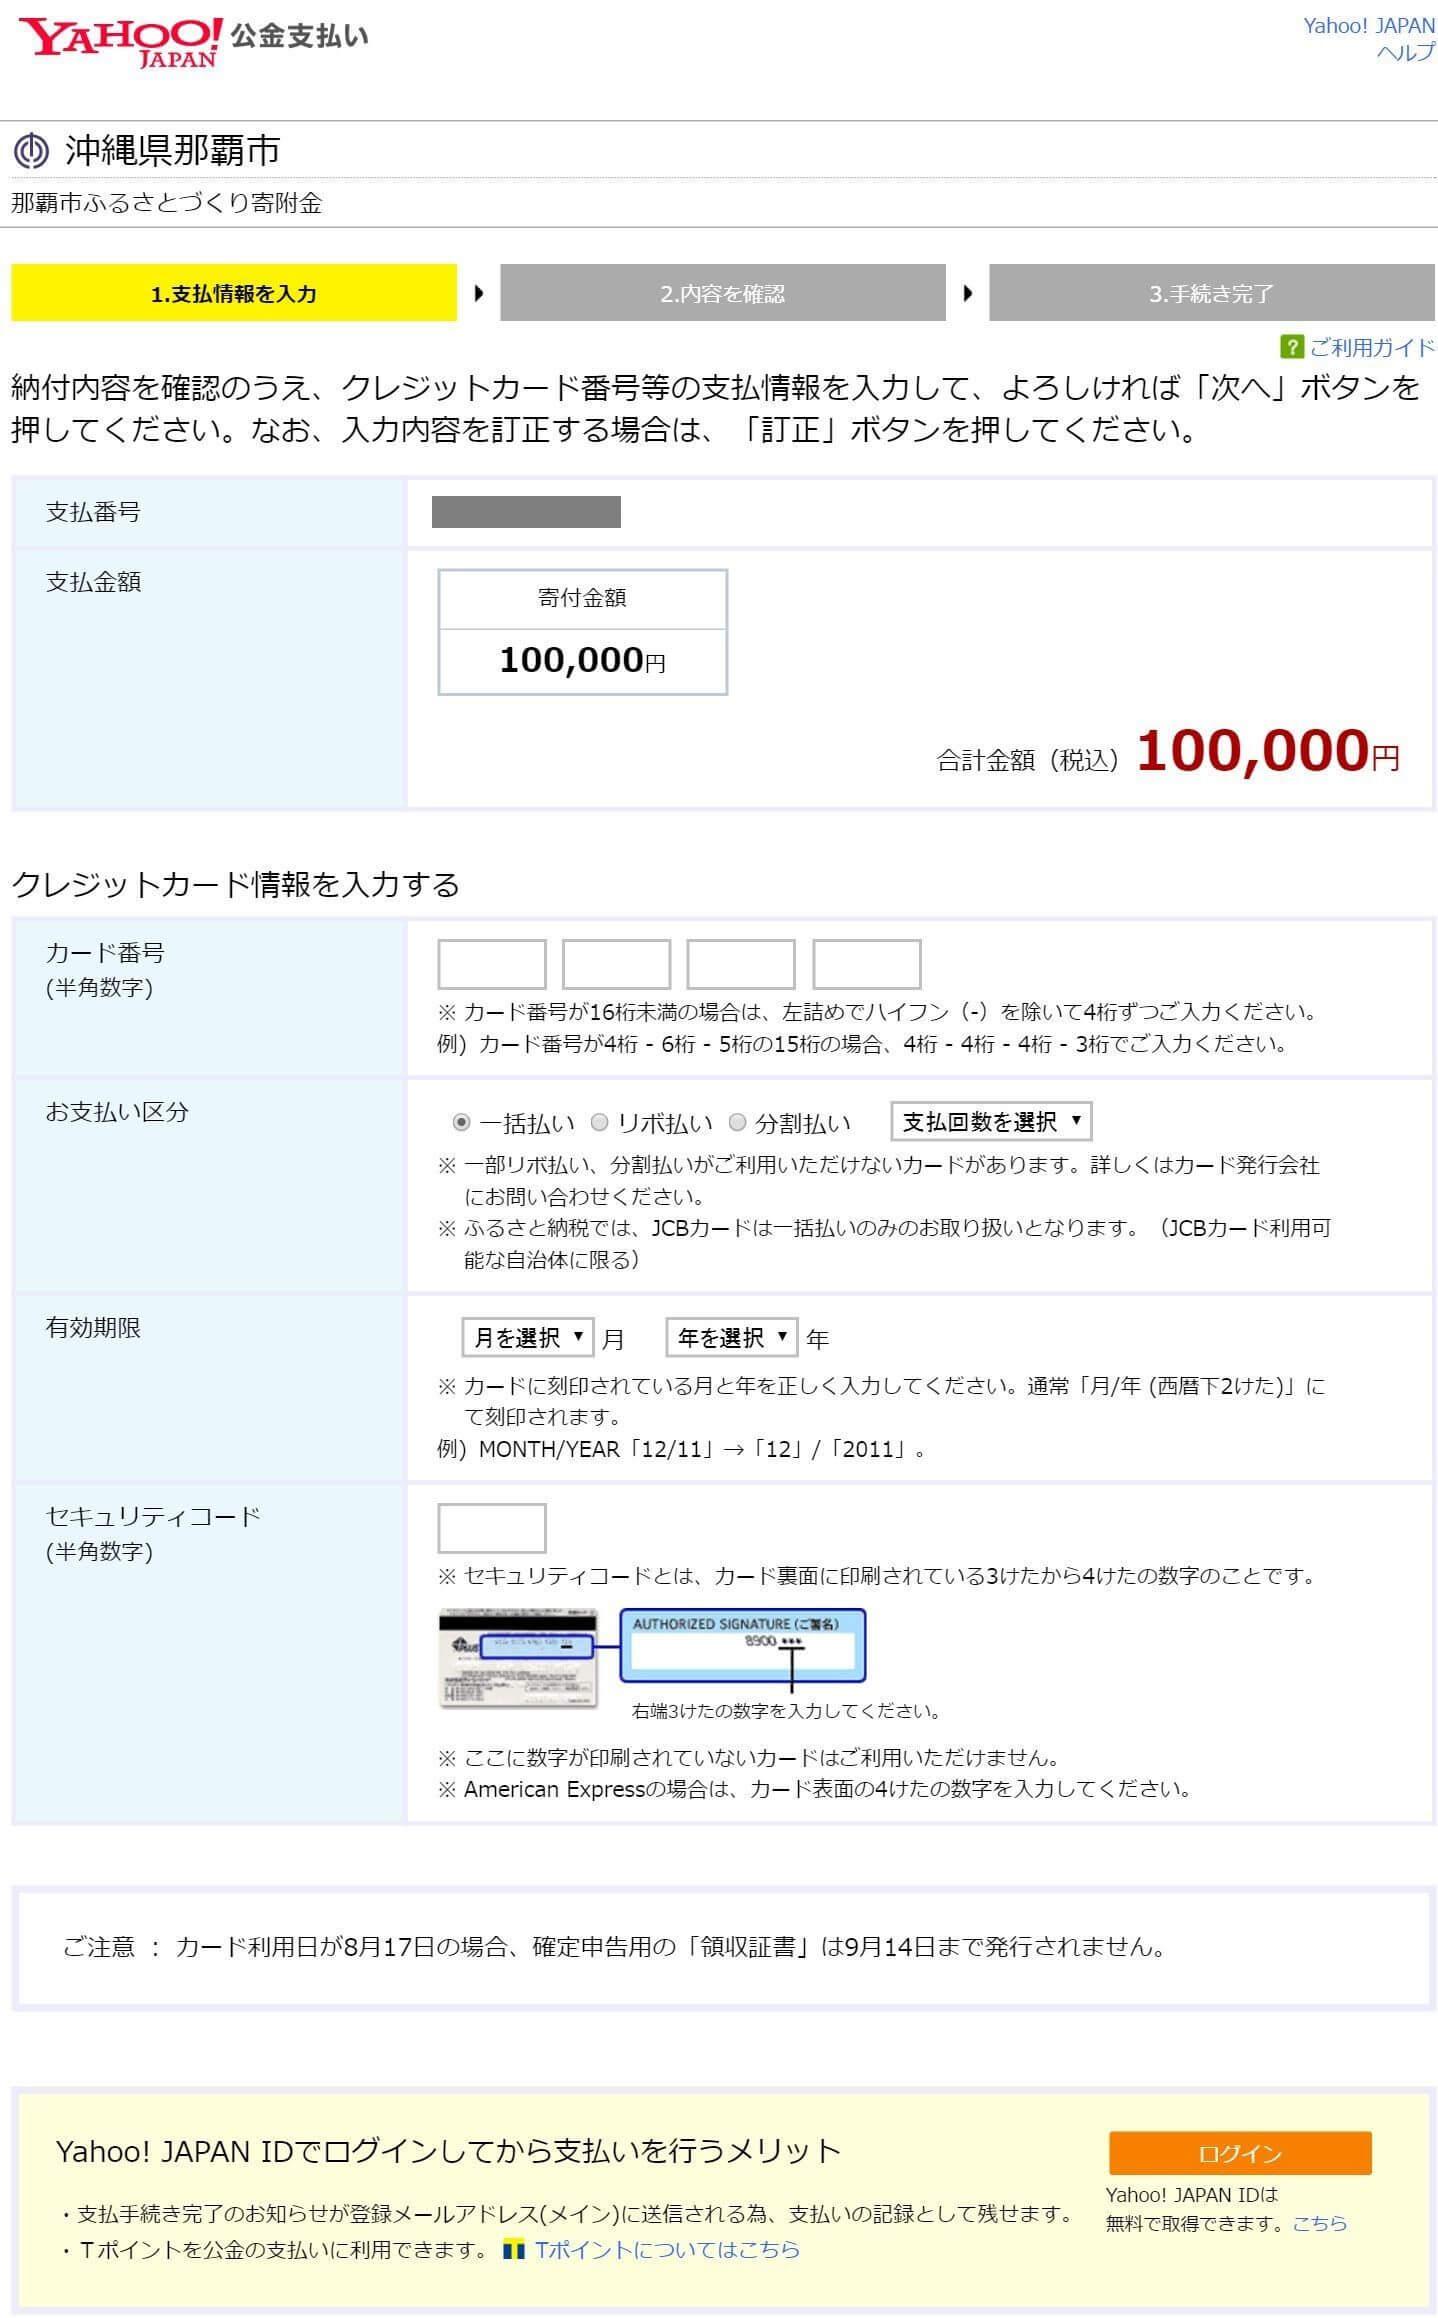 クレジット決済画面(Yahoo!公金支払い)